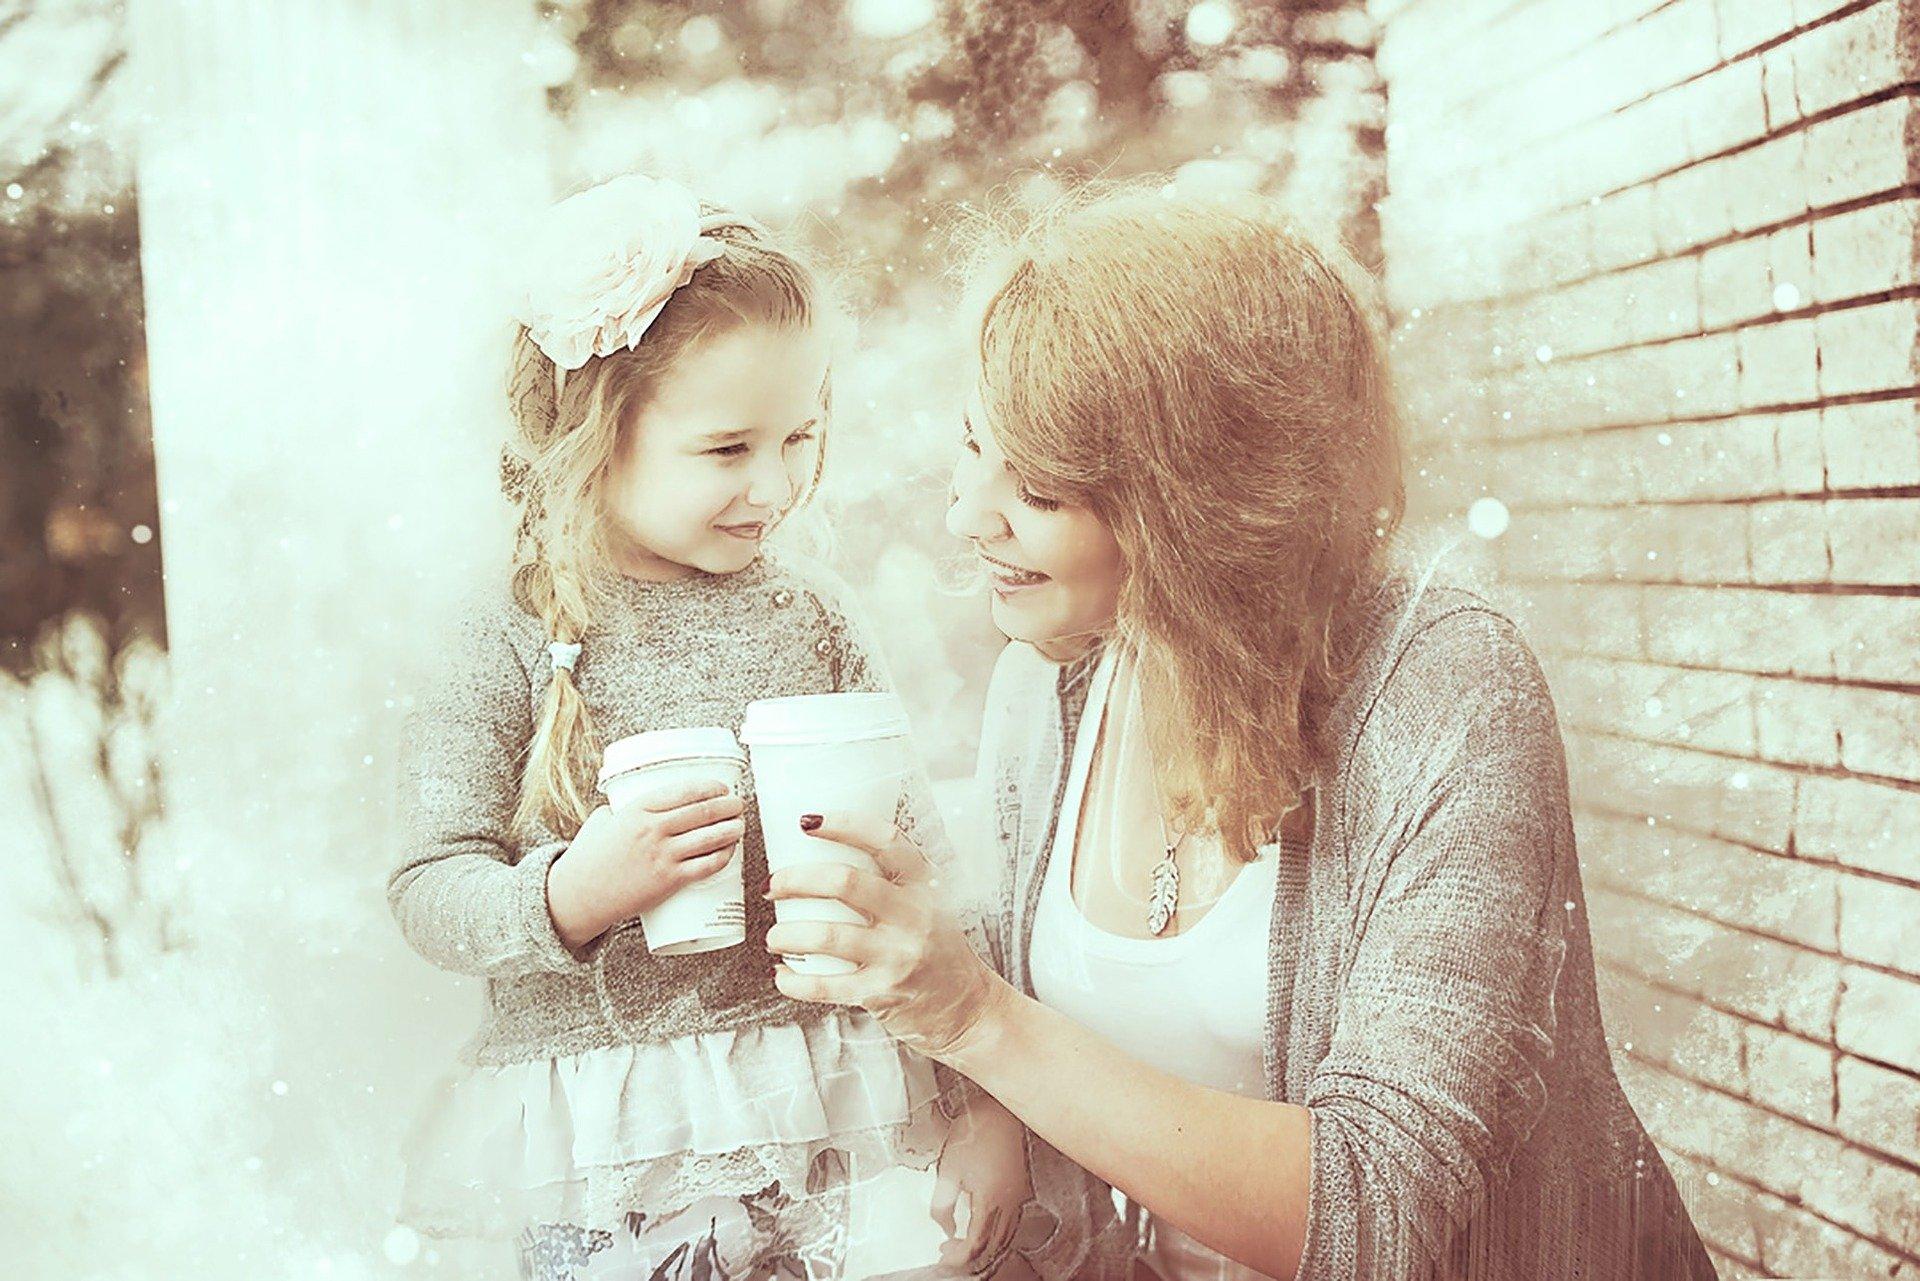 ritratto di madre e figlia che brindano con una bevanda da asporto